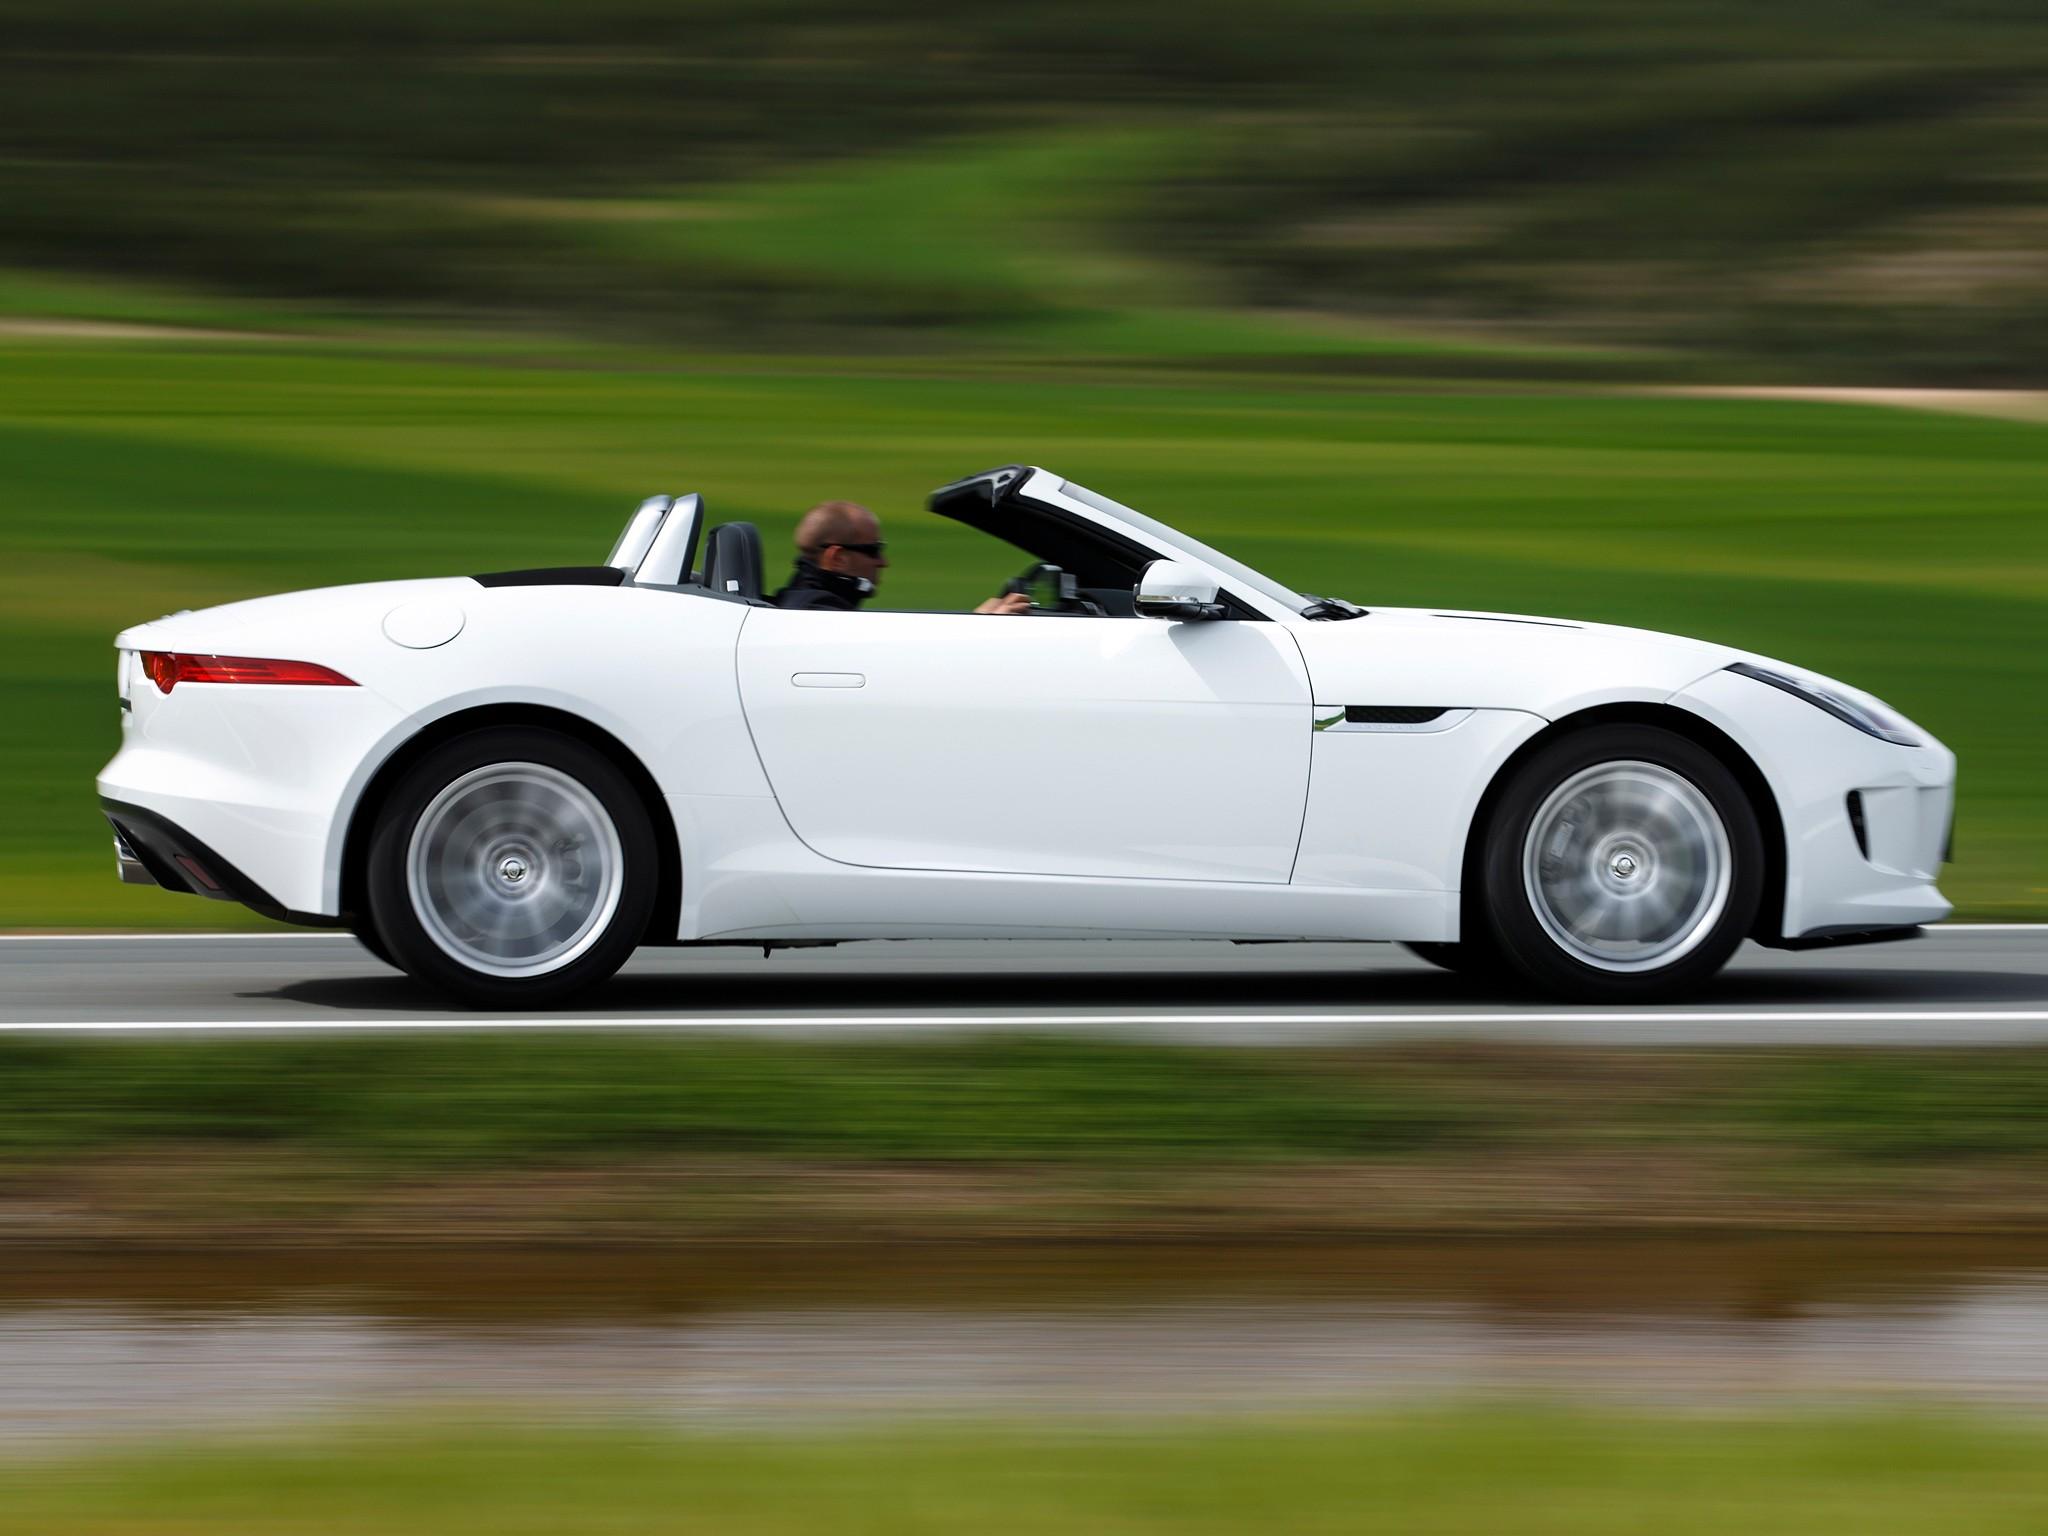 O F Type é O Responsável Por Carregar A Bandeira De Esportivo Sênior Da  Jaguar. Lançado Em 2013, A Ideia Da Britânica Foi Dar Um Sucessor Para A  Icônica ...